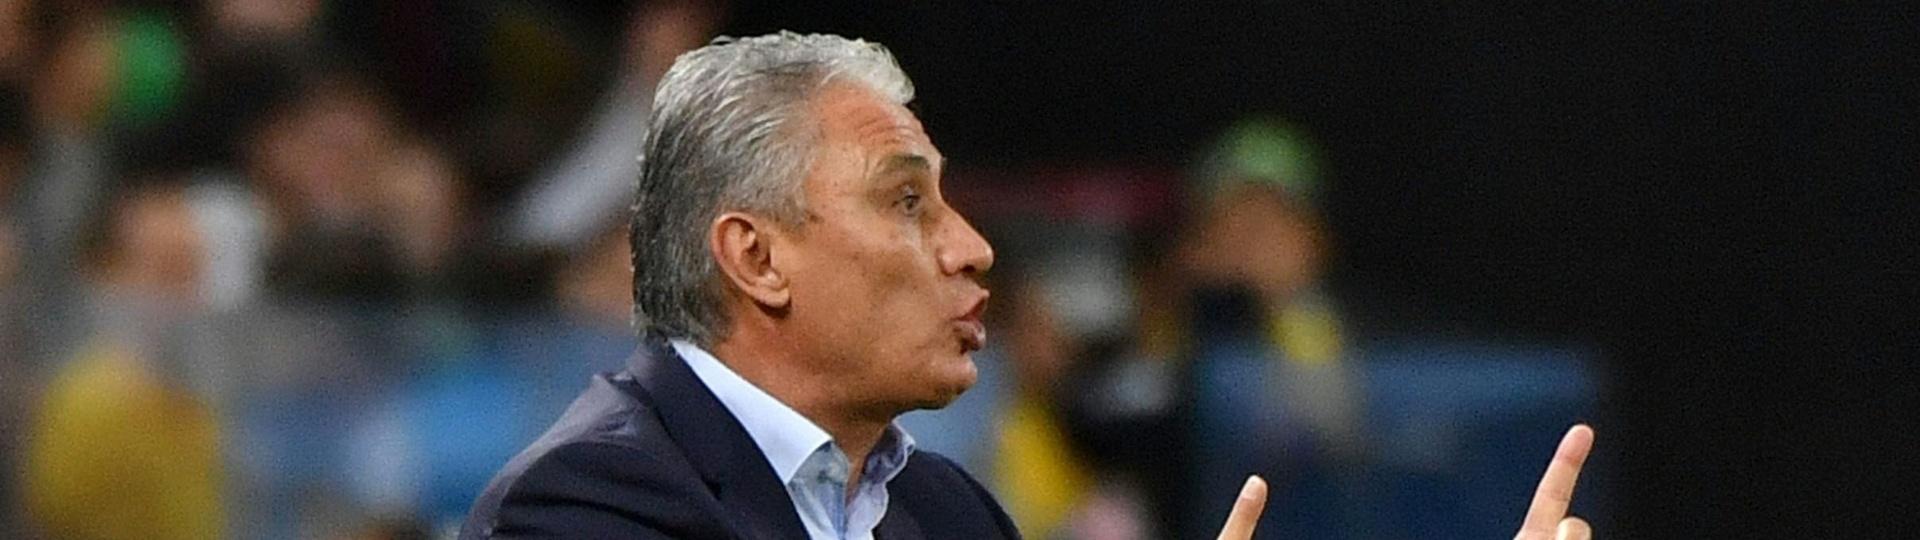 Tite comanda os jogadores da seleção brasileira no duelo contra o Paraguai